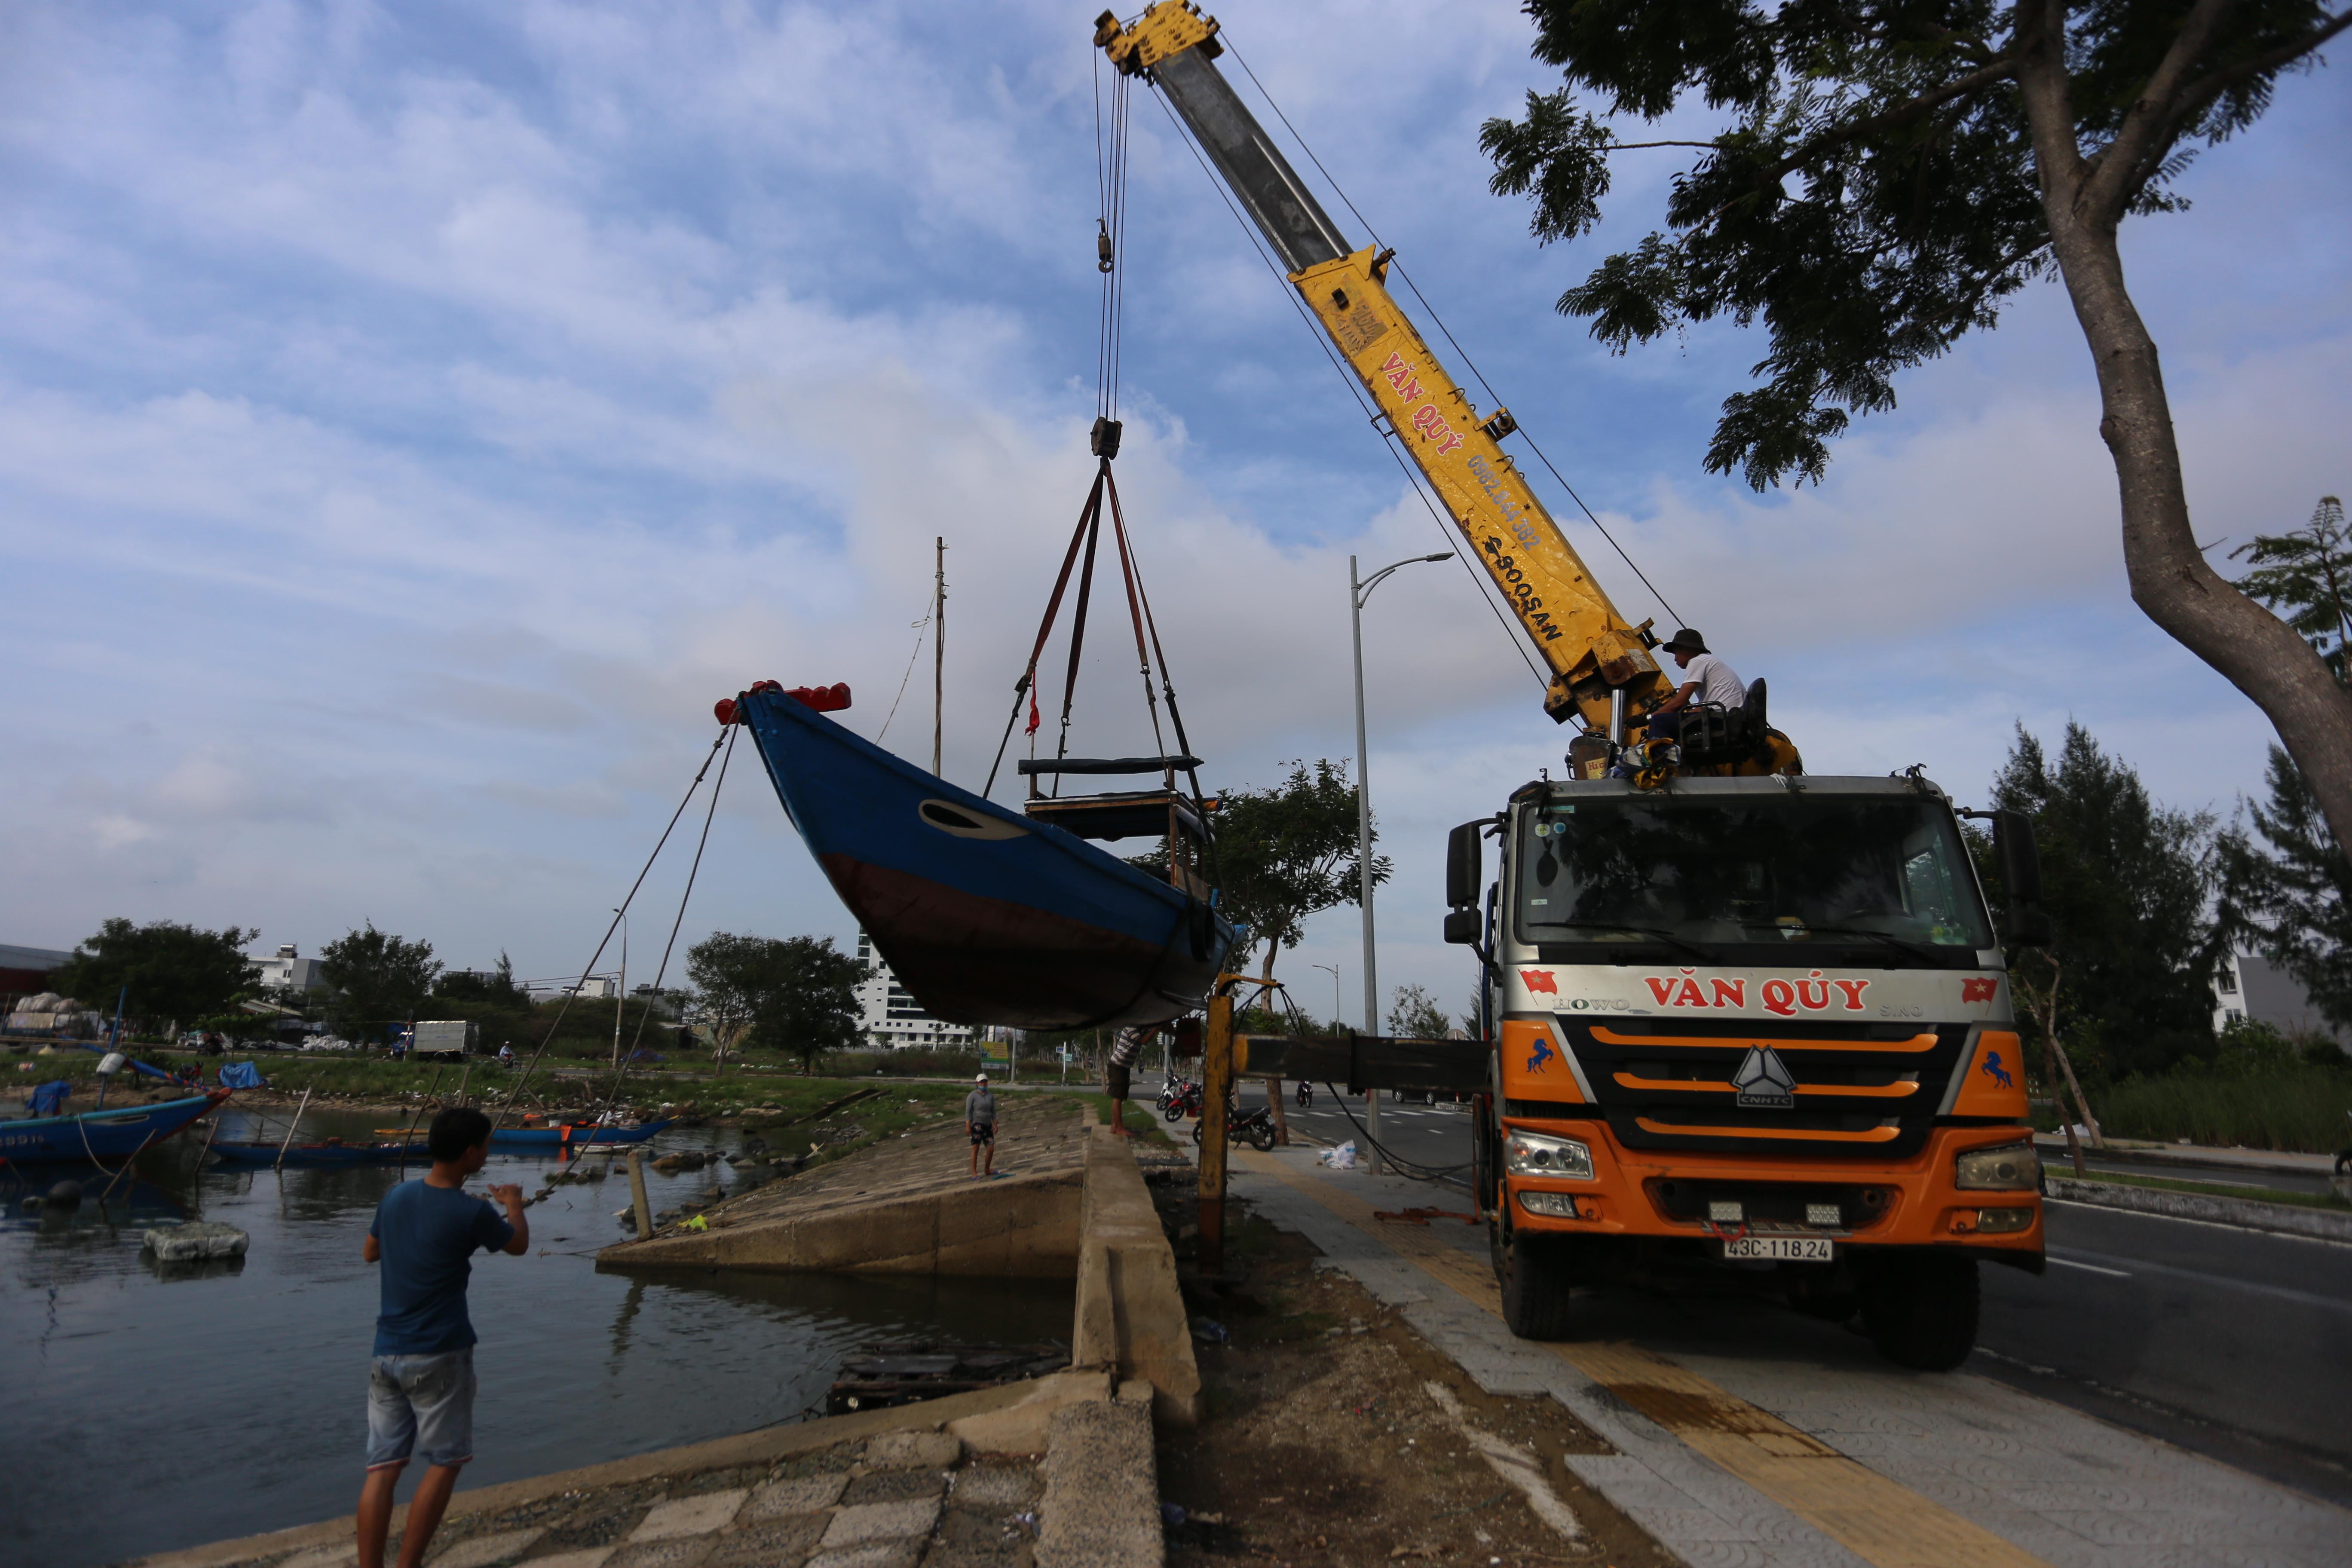 [Ảnh] Xe tải cẩu chở thuyền đến nơi an toàn, công an, bộ đội giúp người Đà Nẵng chằng chống nhà cửa đón bão số 9 - Ảnh 1.